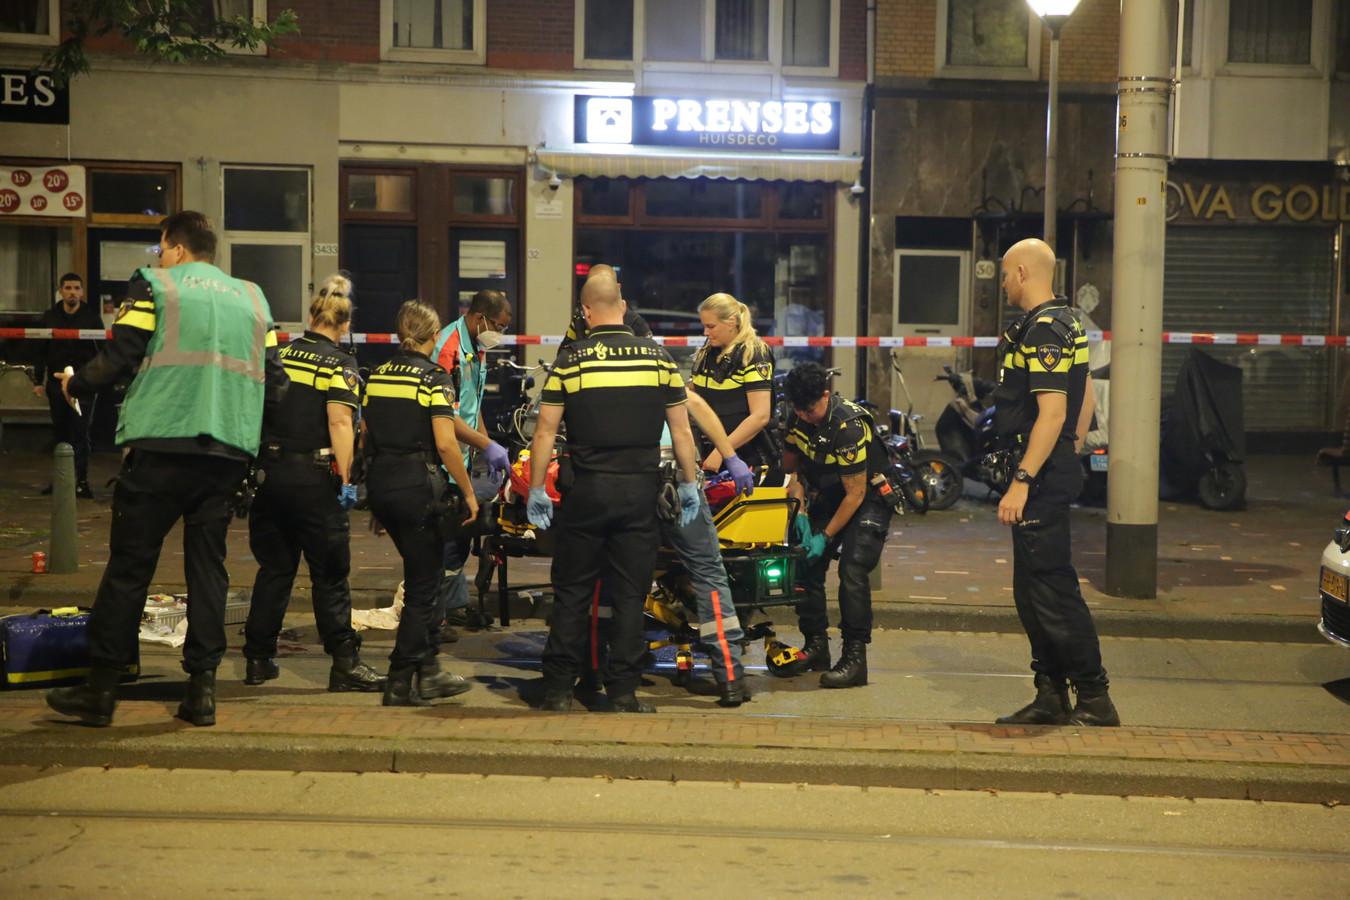 De 16-jarige Badr raakte bij het ongeluk zwaargewond en overleed later in het ziekenhuis. De scooter waar hij op reed werd na het ongeluk gestolen.